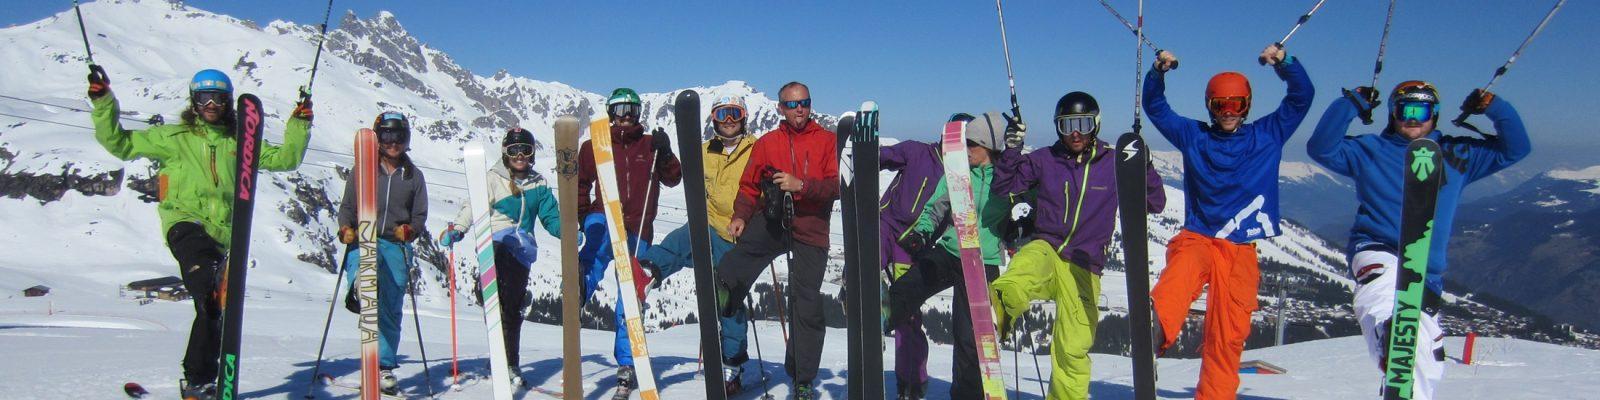 Group ski holiday